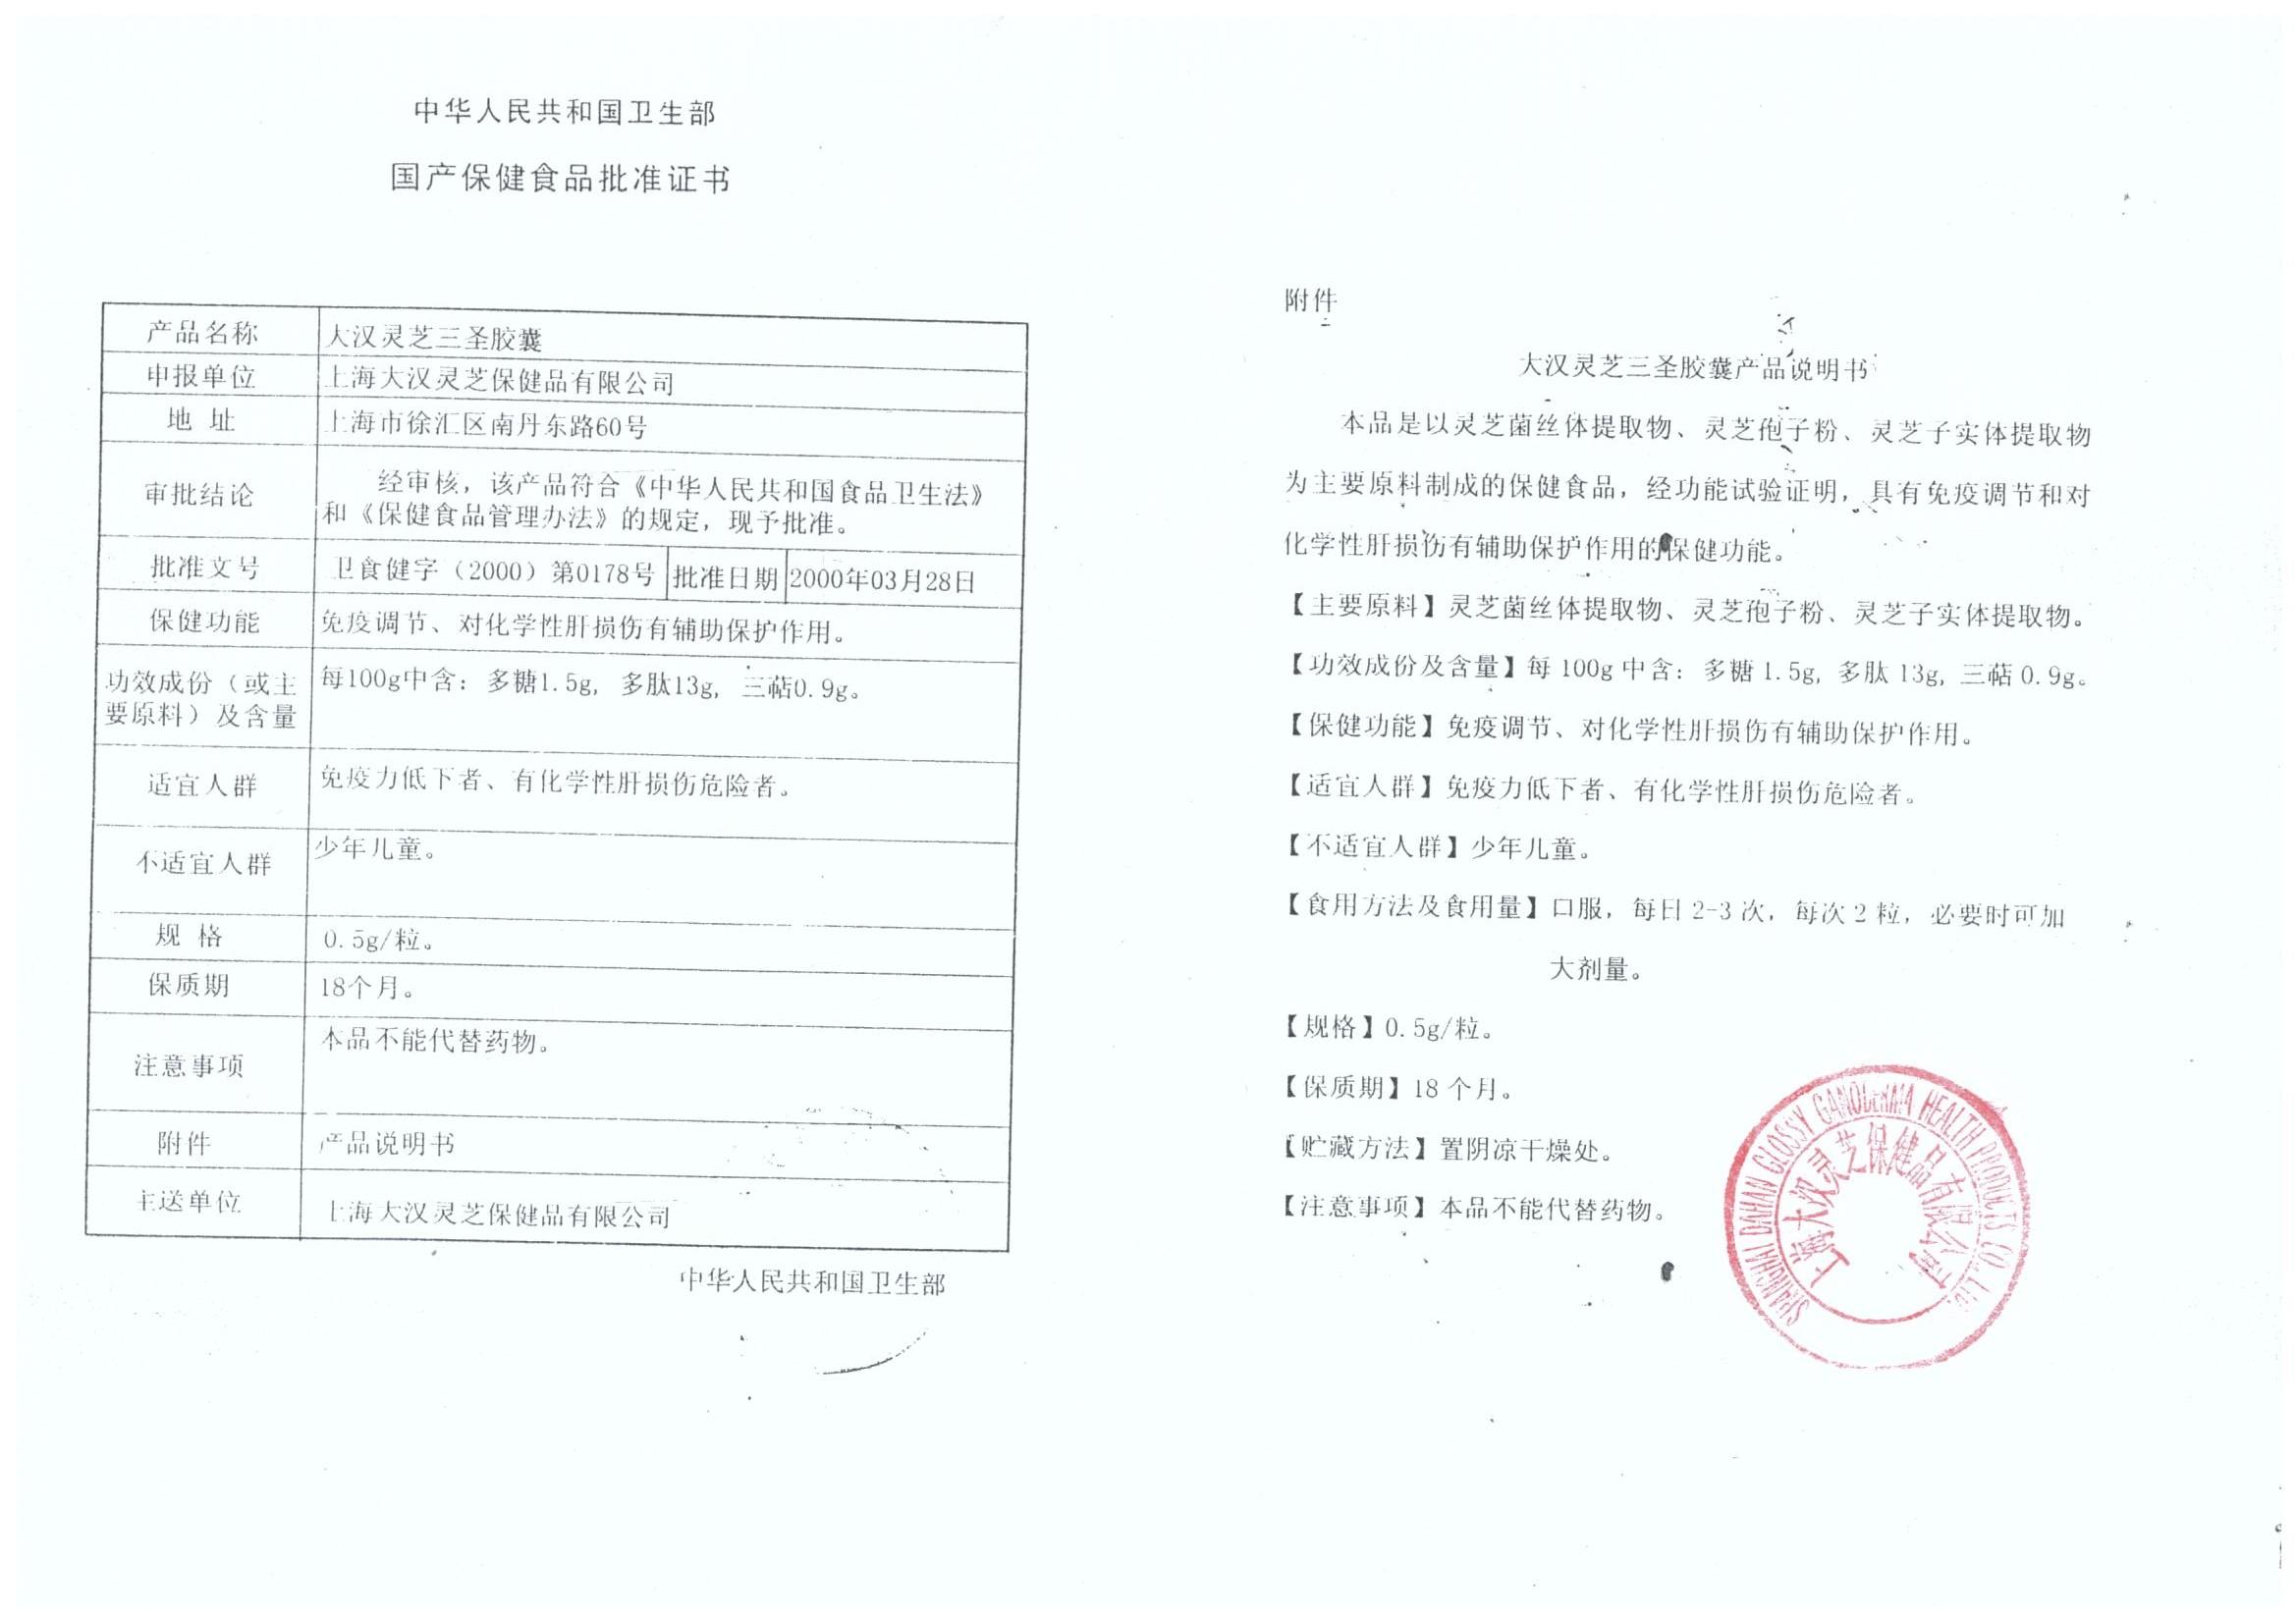 菇新大汉灵芝三圣胶囊保健食品批准证书